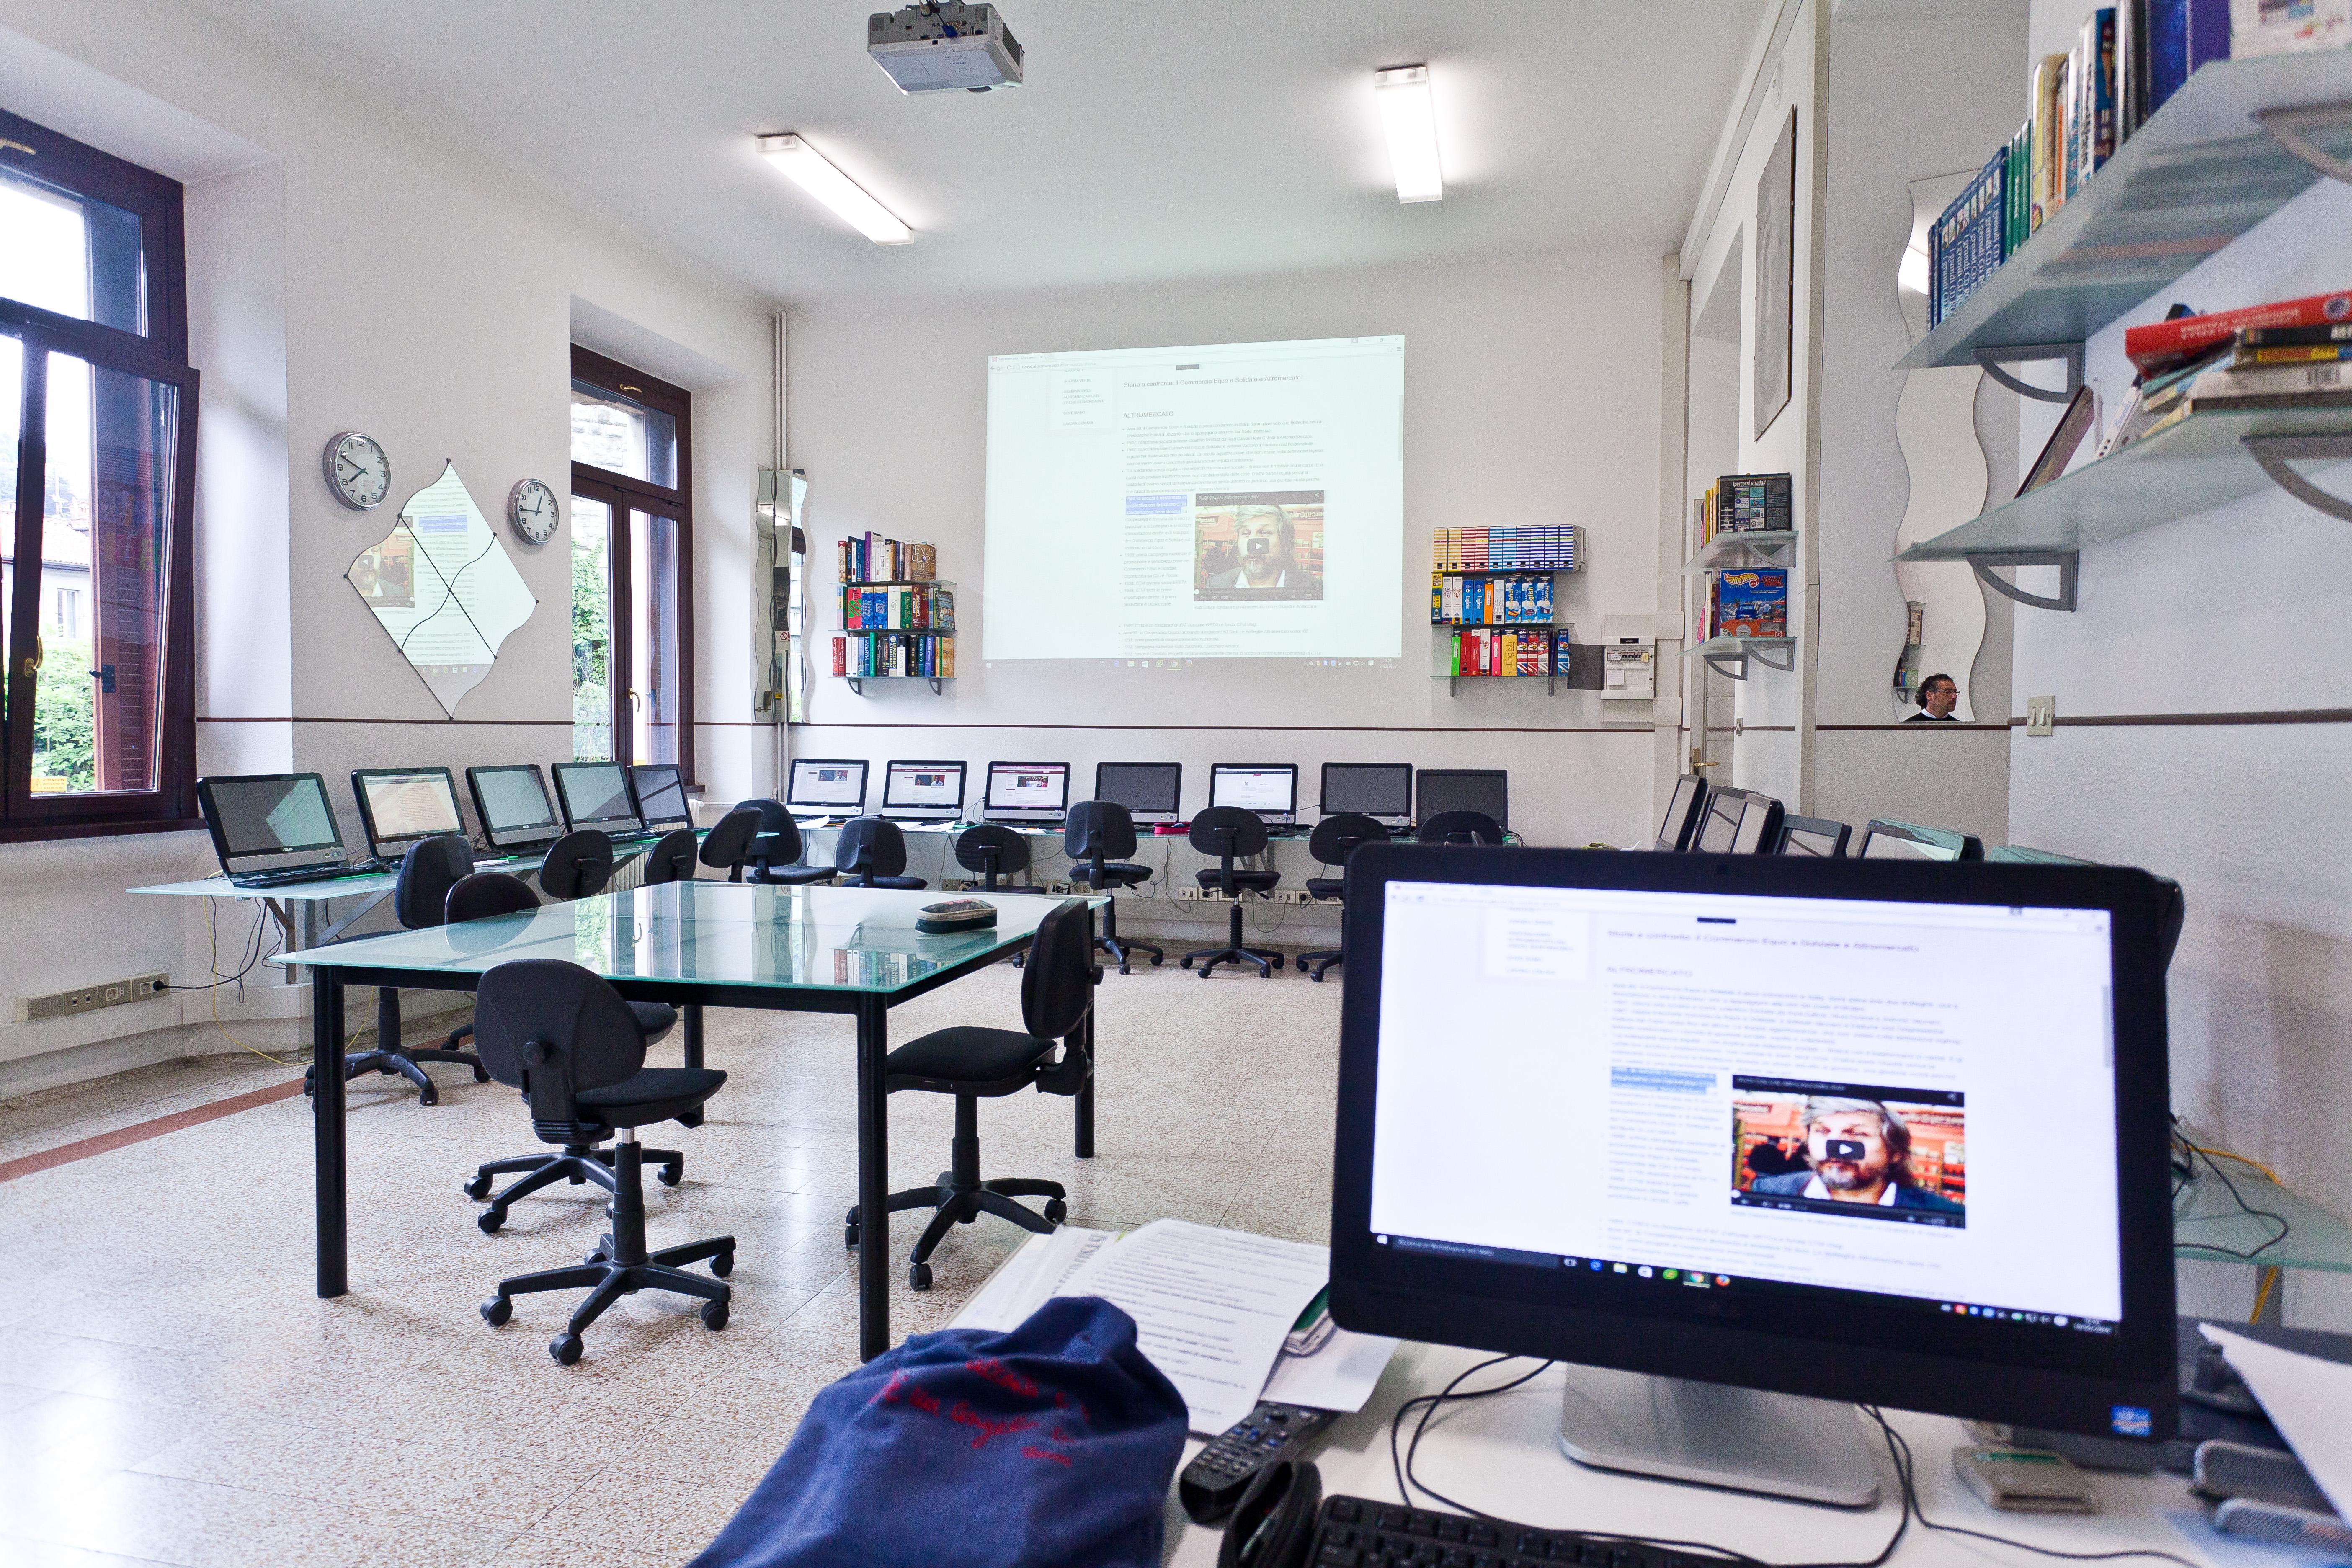 2016May19_istituto_canossiane_scuola_como_0003